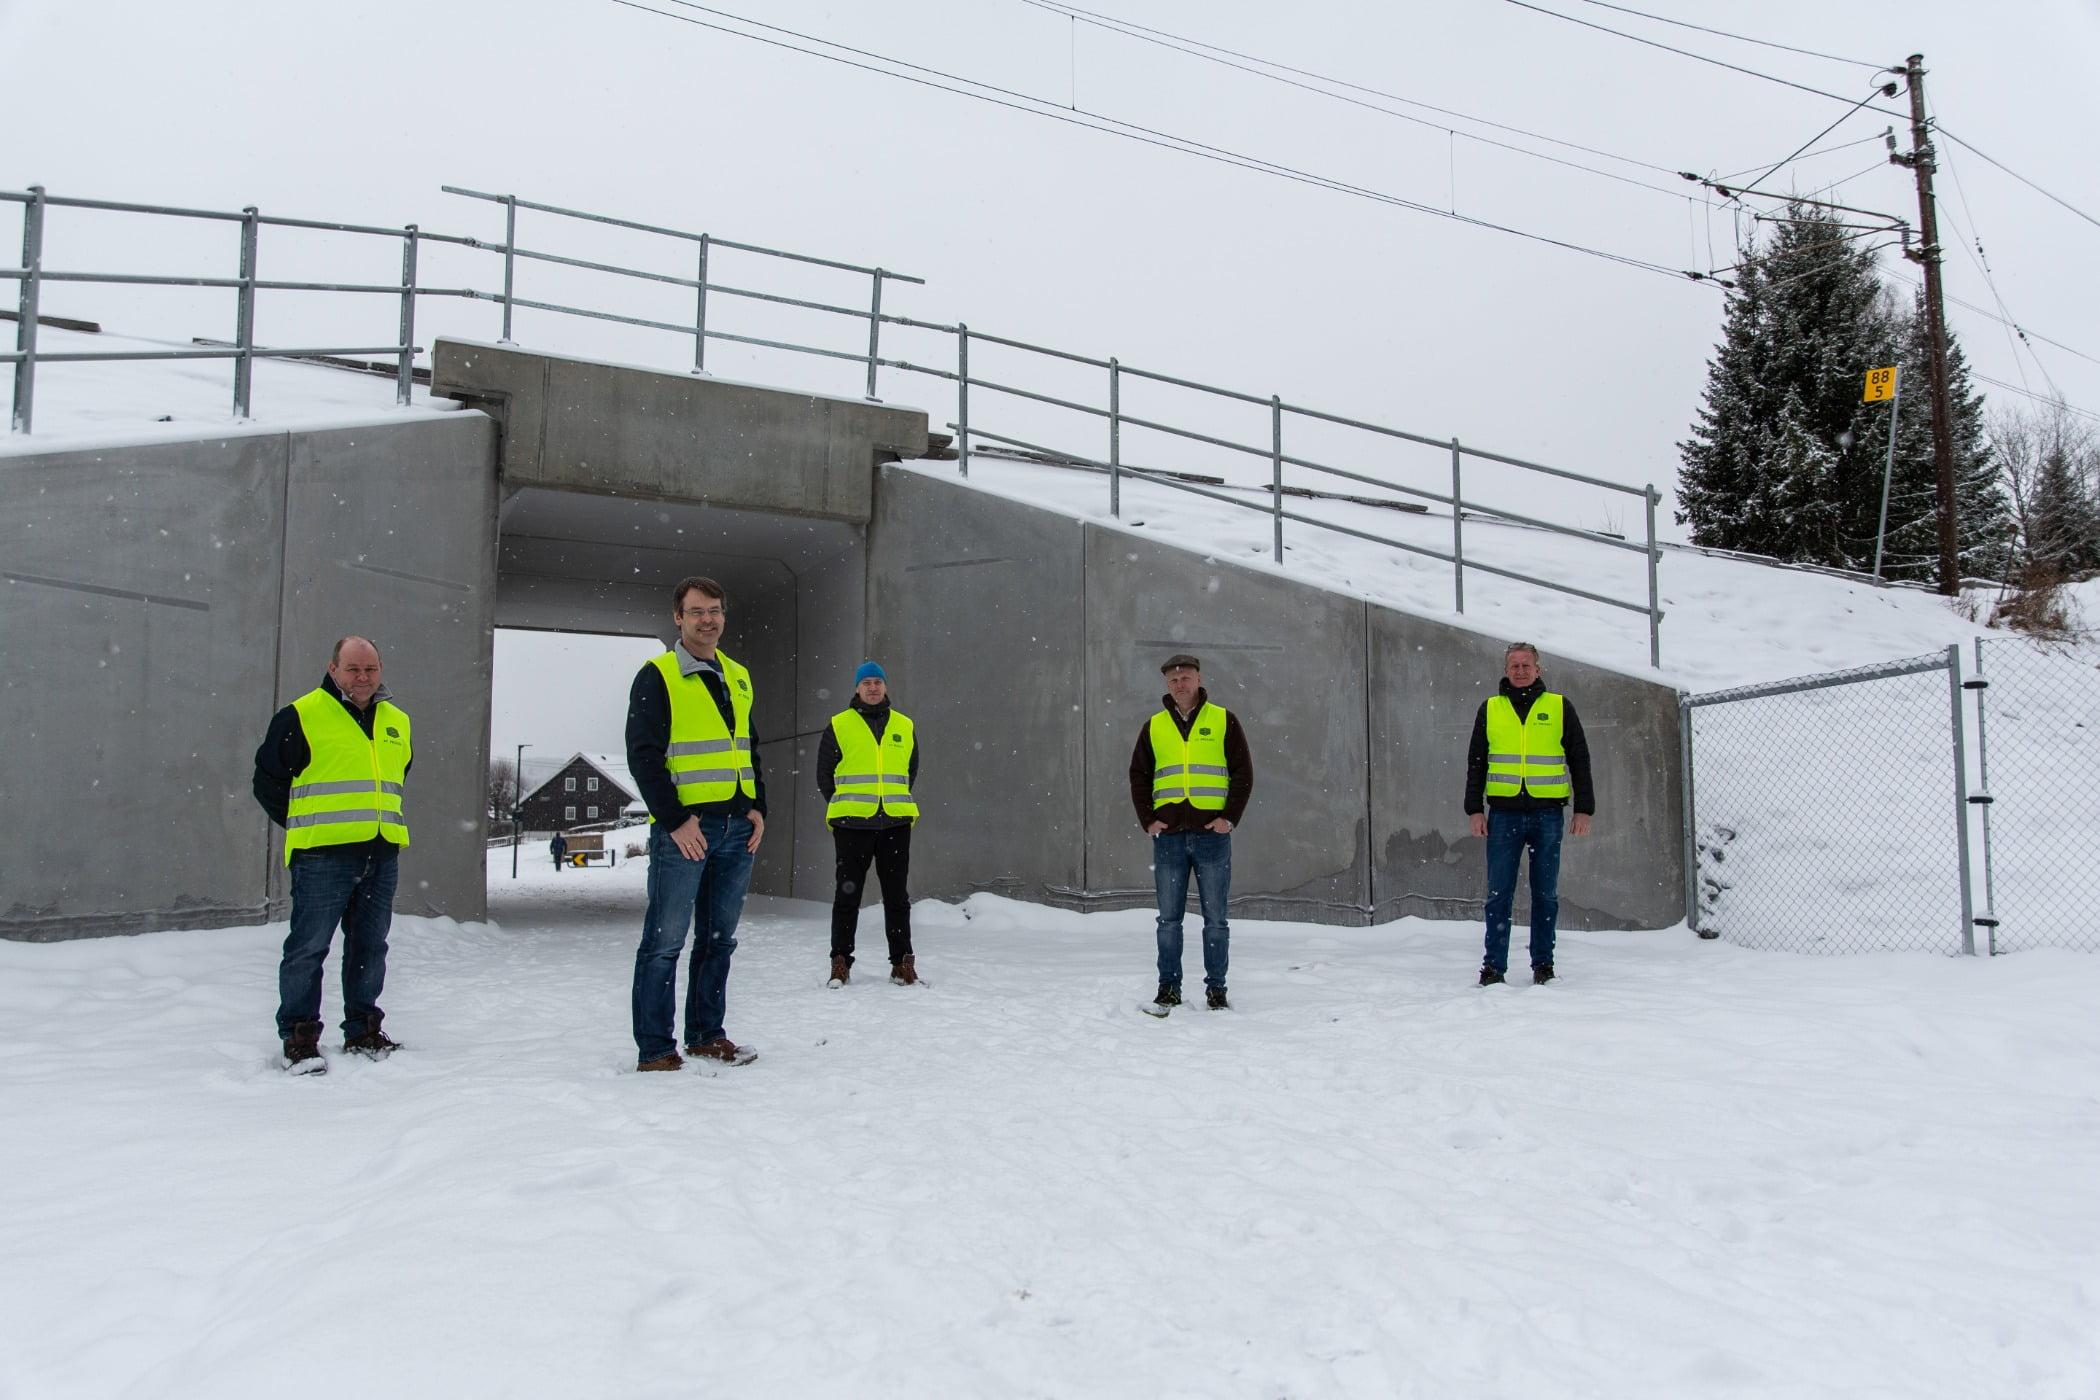 High-visibility clothing, Slope, Snow, Workwear, Asphalt, Sky, Freezing, Tree, Plant